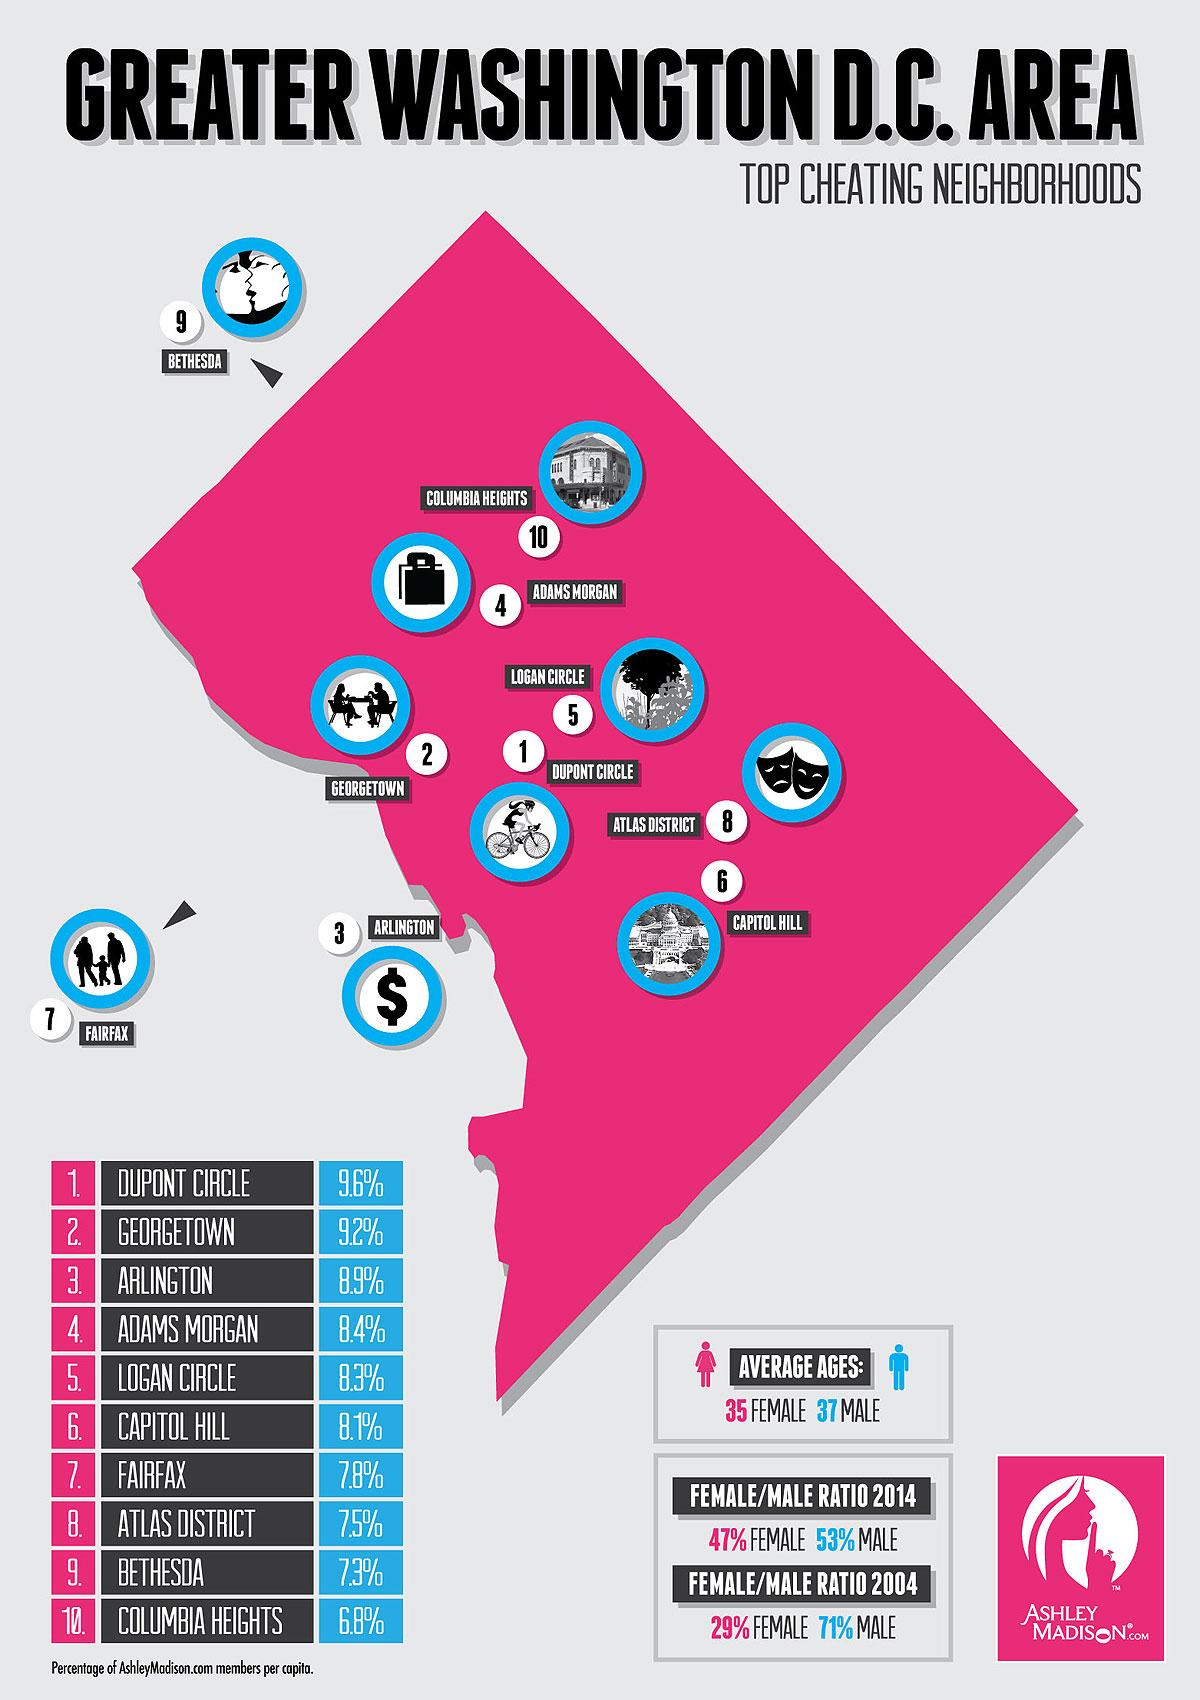 Dating website reveals most adulterous D.C.-area neighborhoods